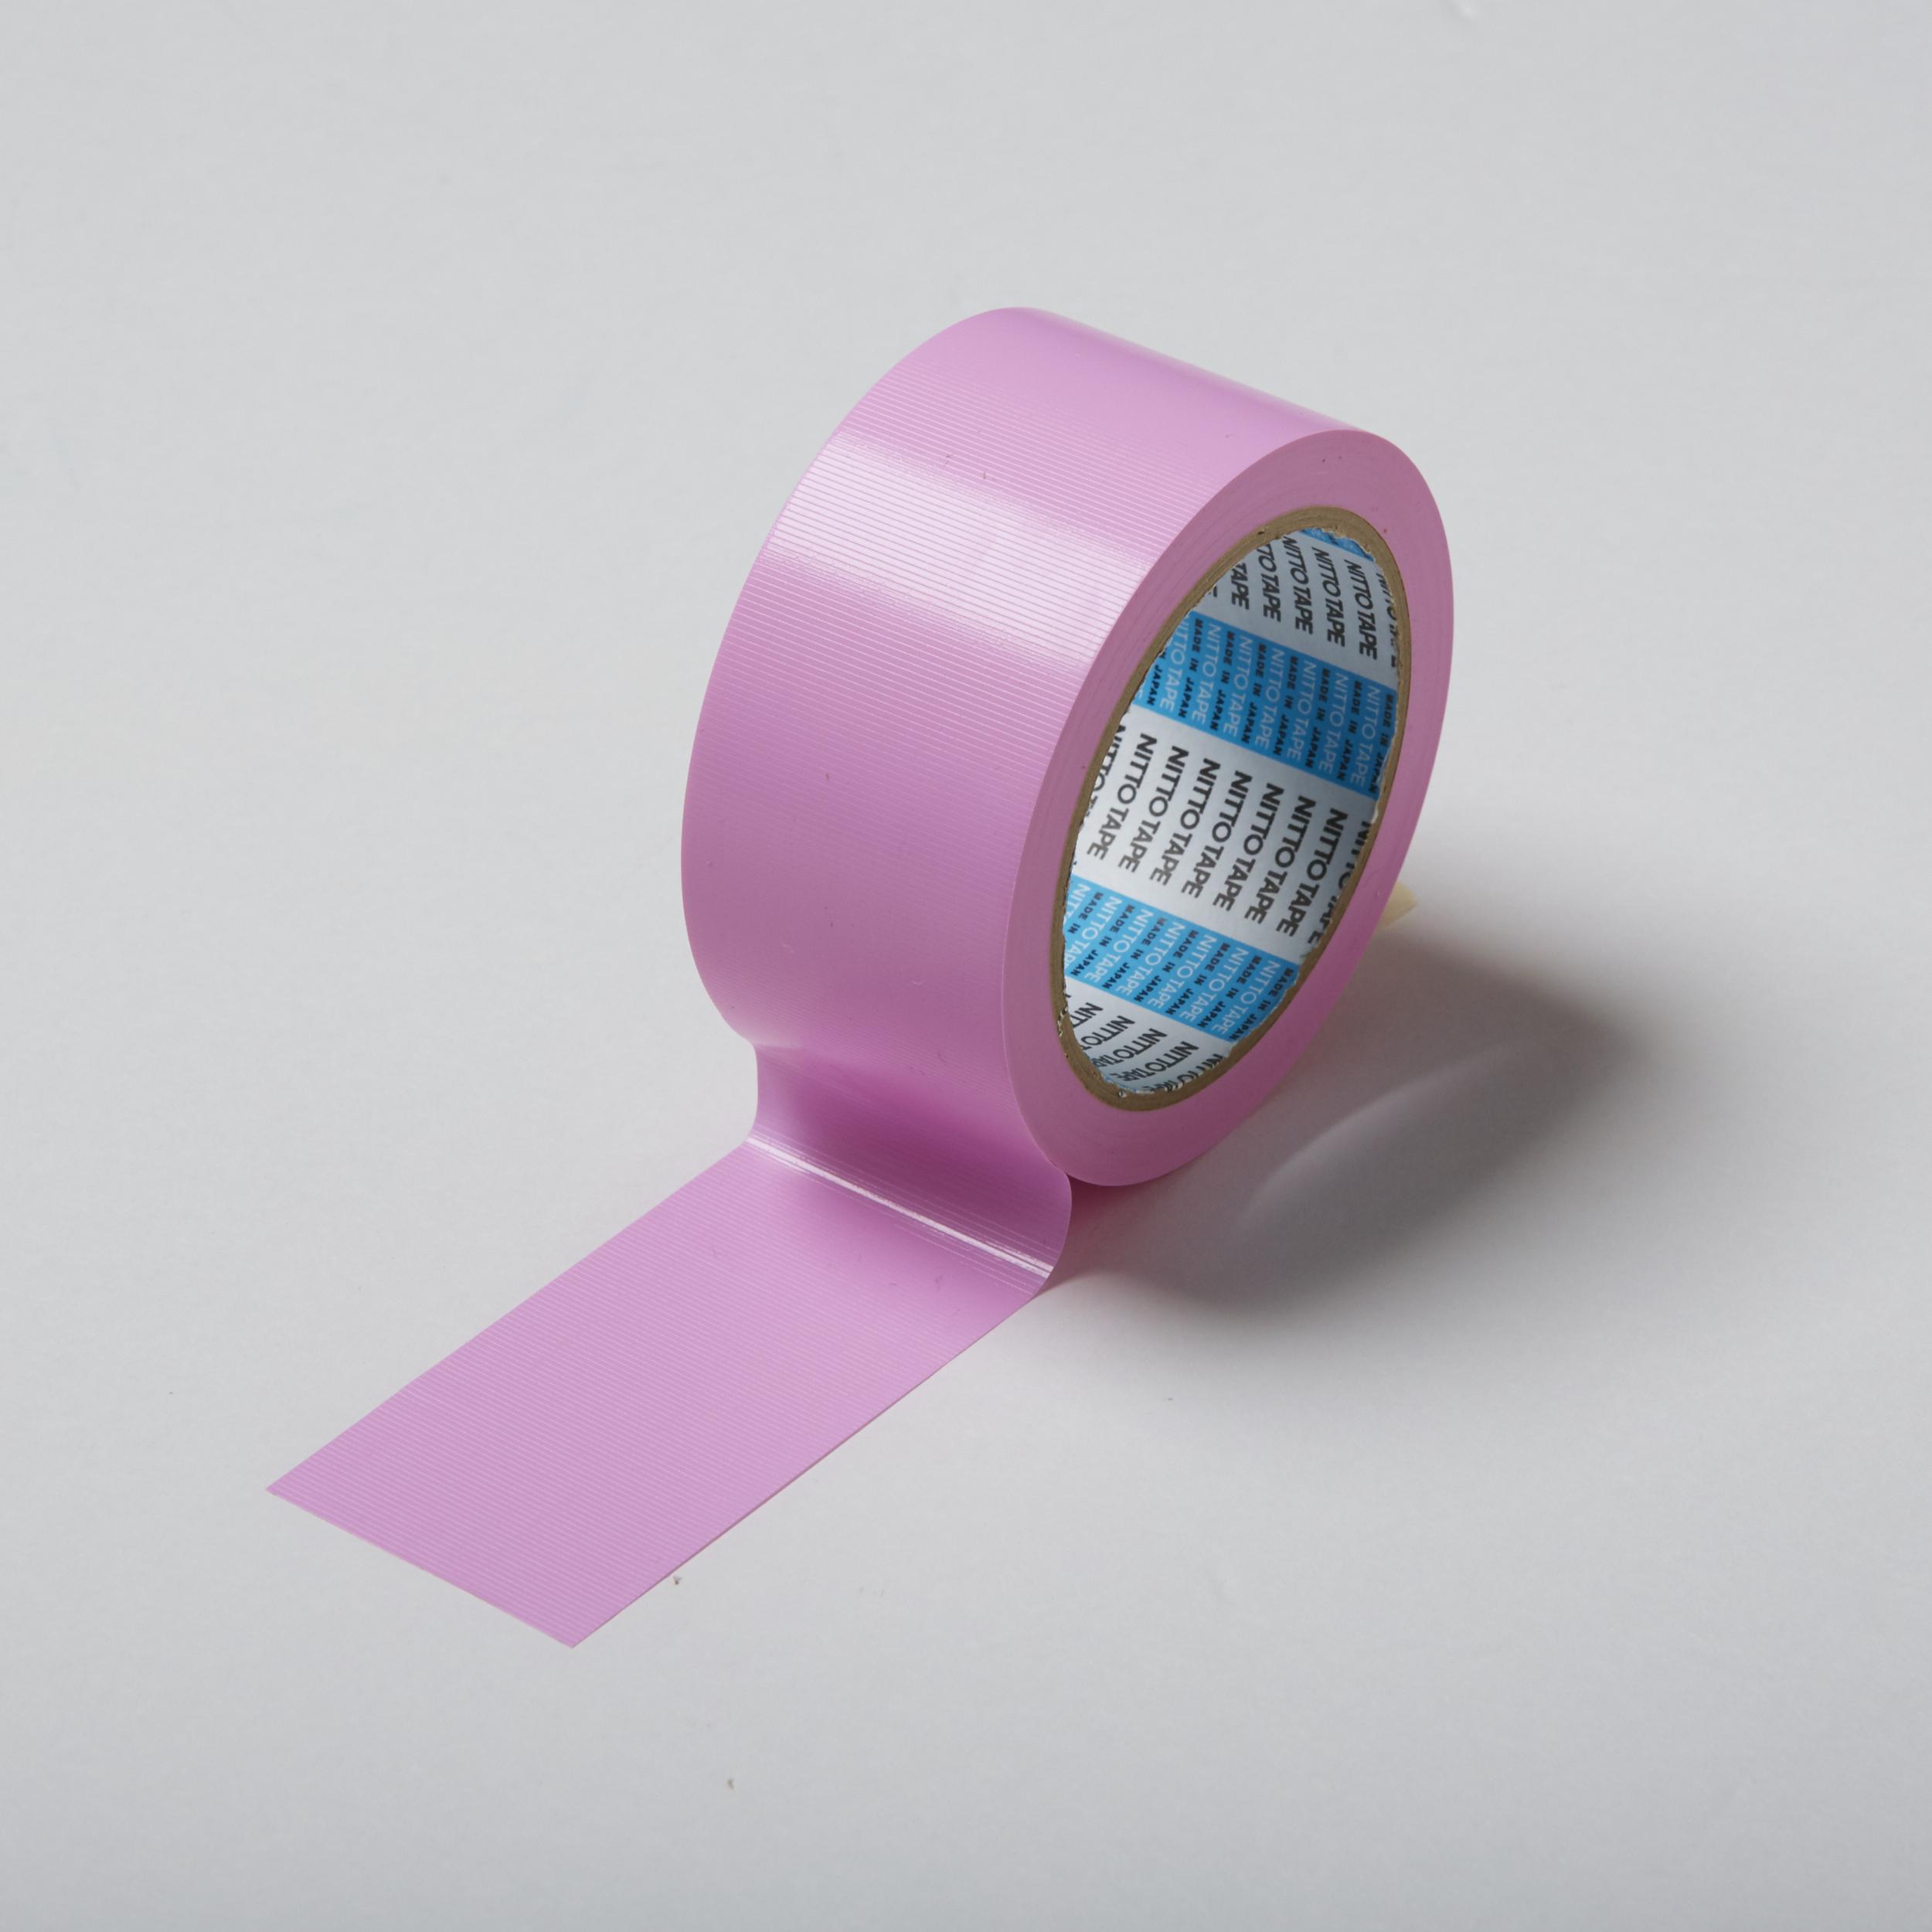 床養生テープ Material